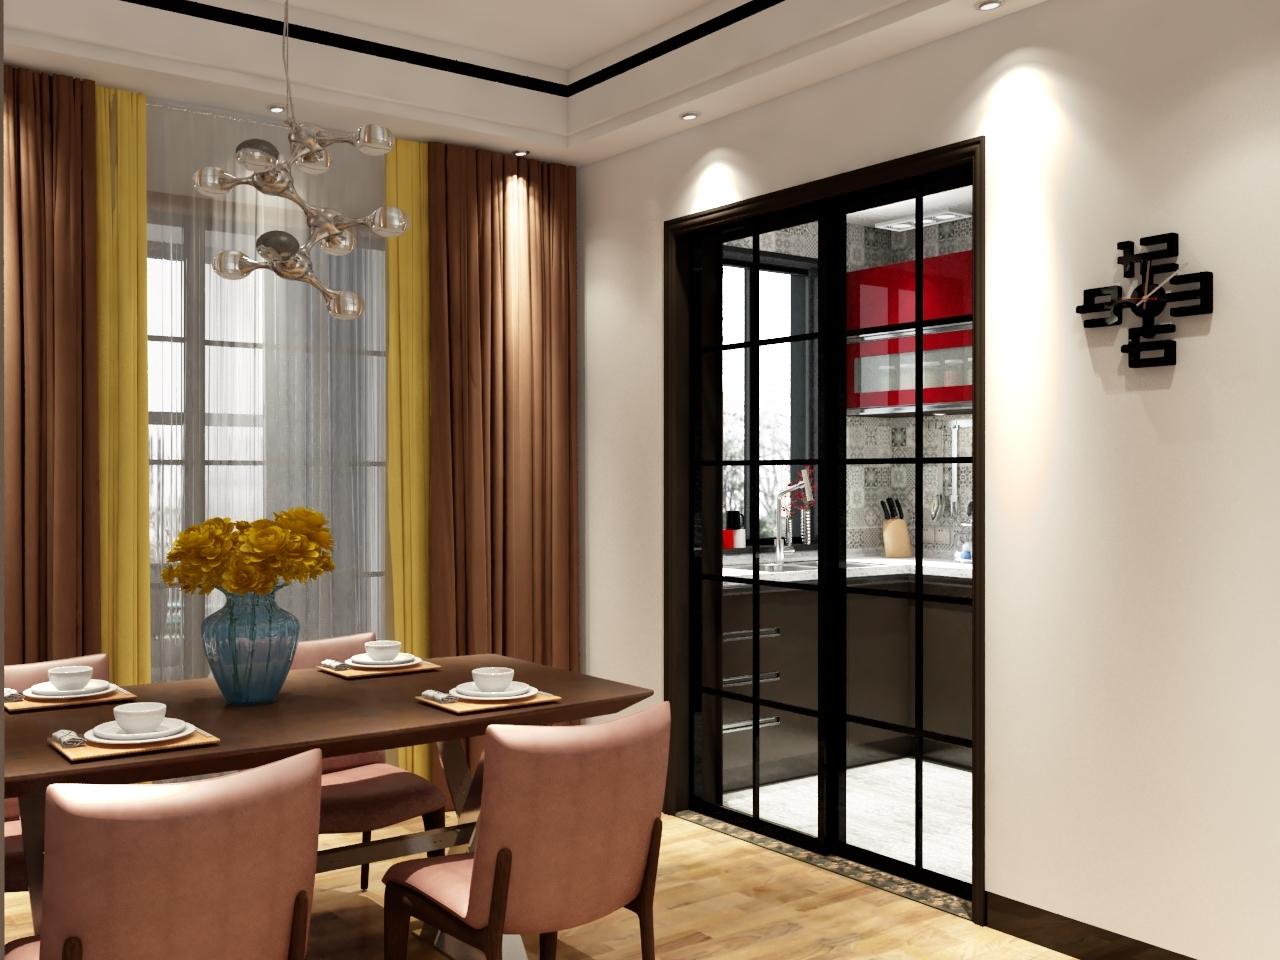 混搭 三居 80后 餐厅图片来自南昌楷模家居生活馆在万科地铁138平现代简约的分享